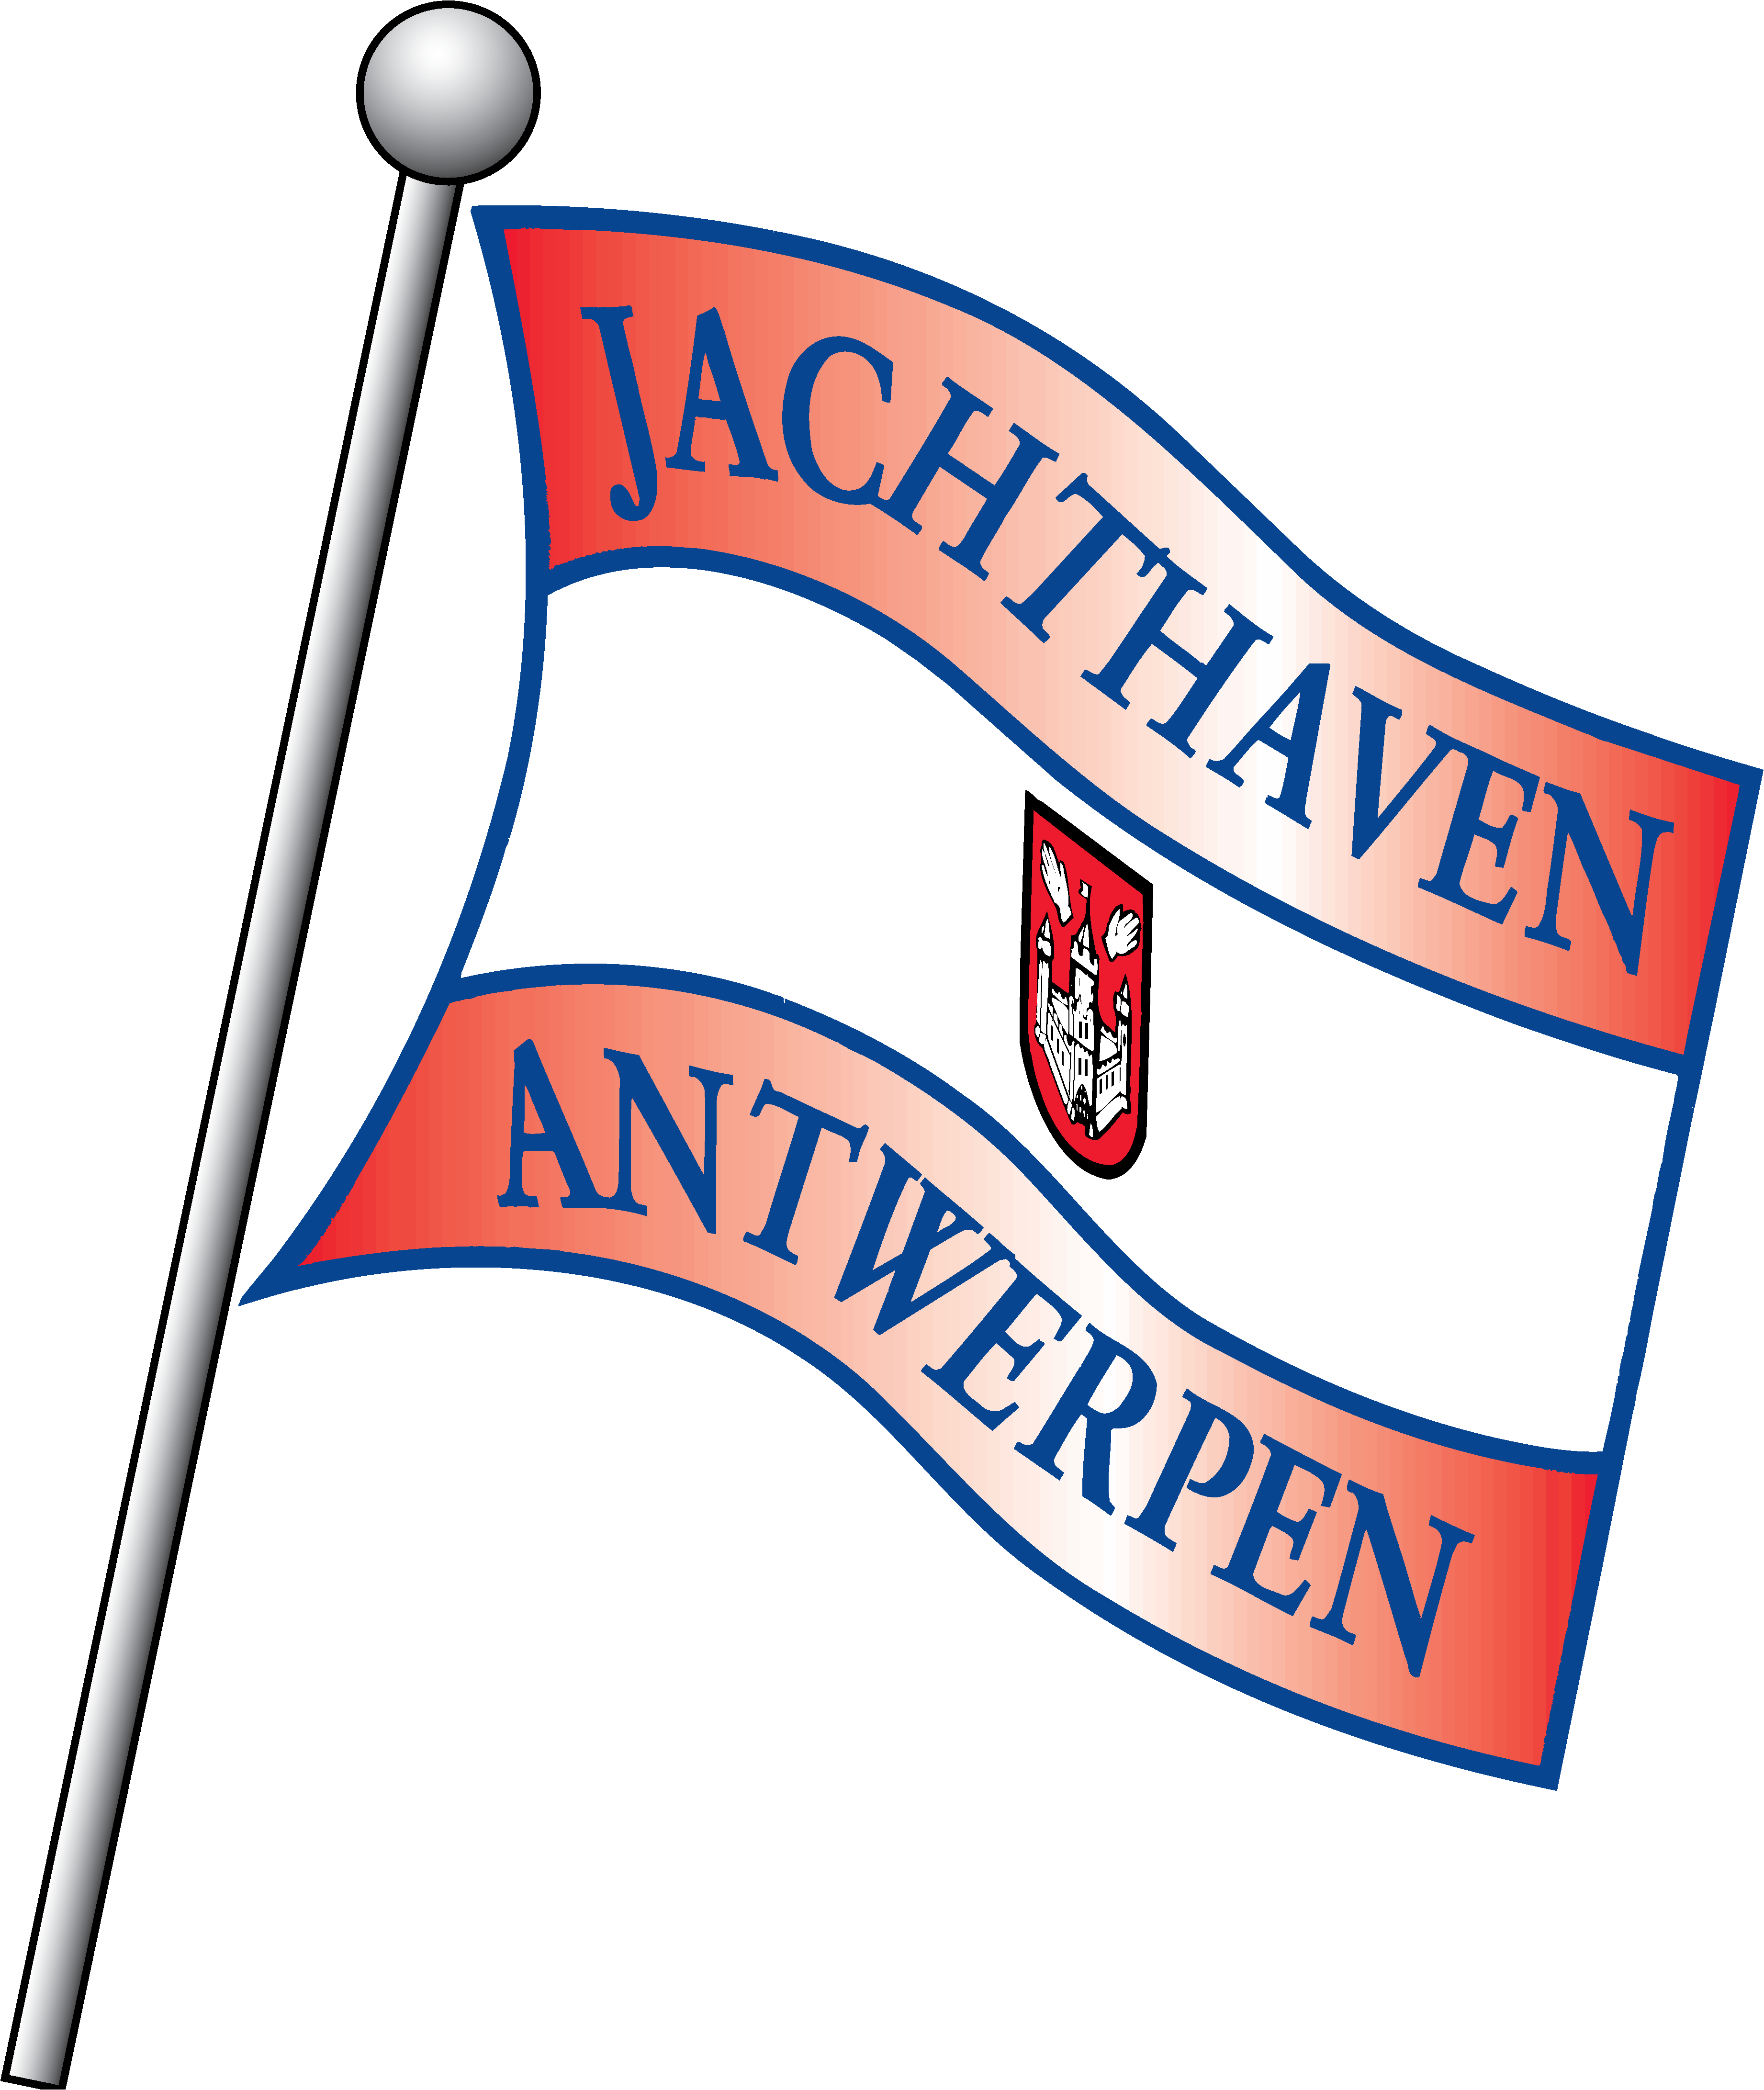 jachthaven-antwerpen-cvba_logo